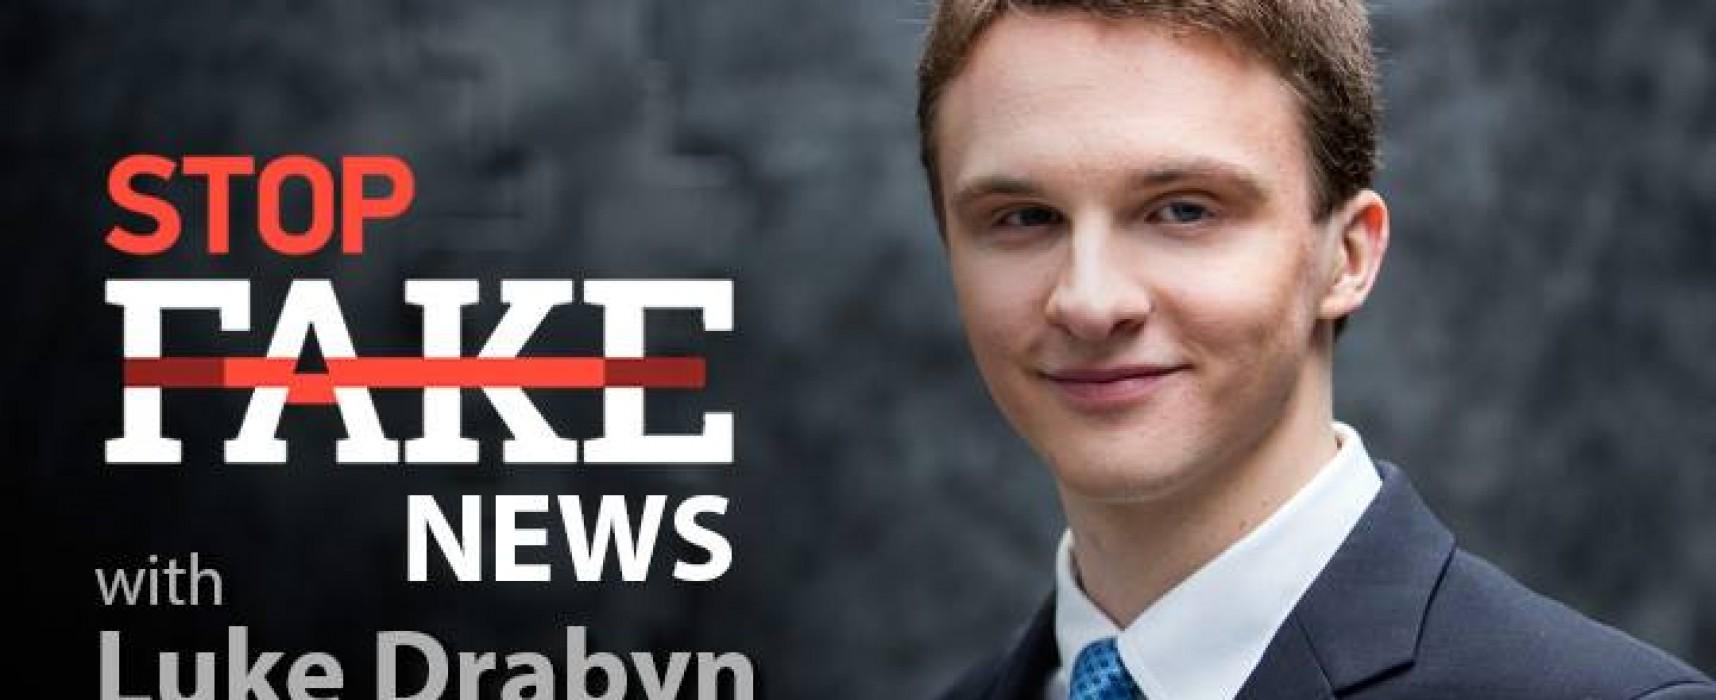 StopFakeNews #73. [ENG] with Luke Drabyn